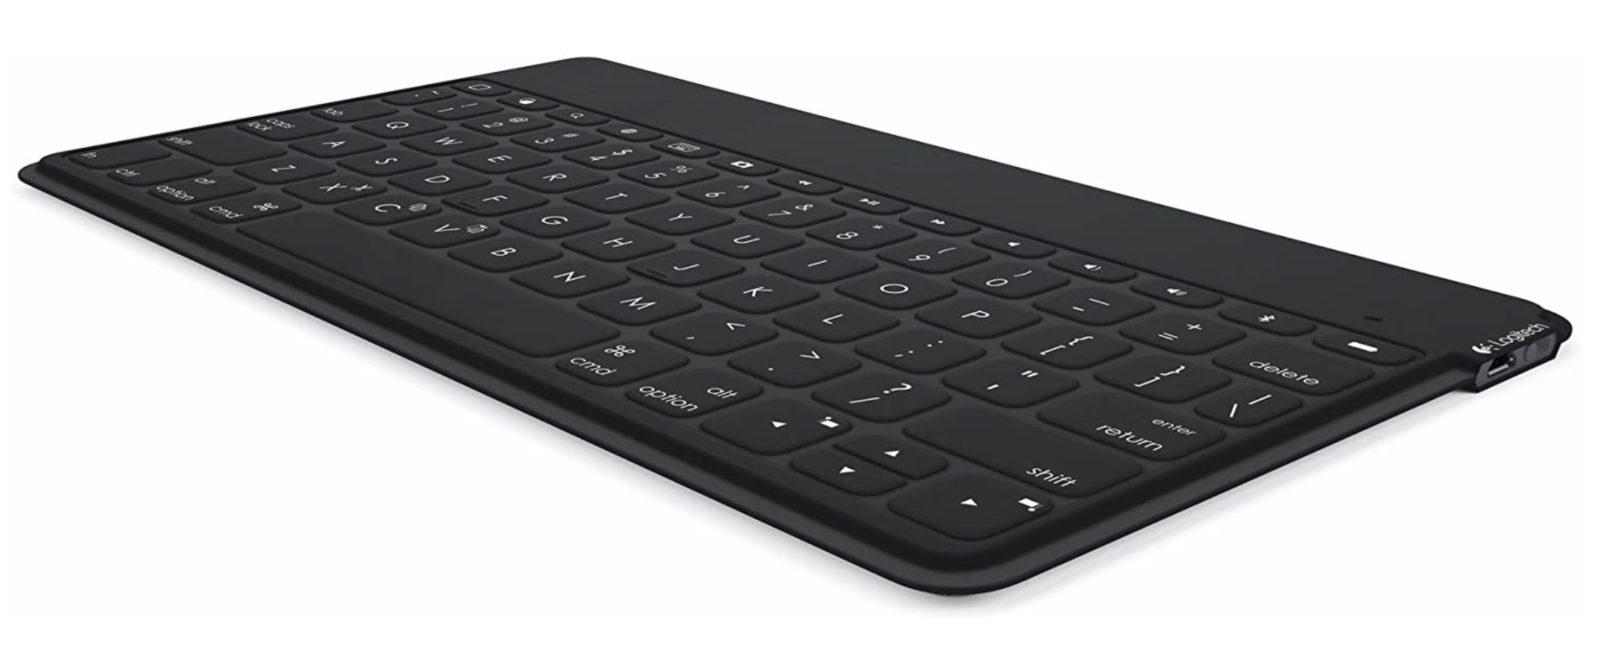 Logitech Keys-To-Go, tastiera perfetta per iPad e iPhone: solo 33,99 €